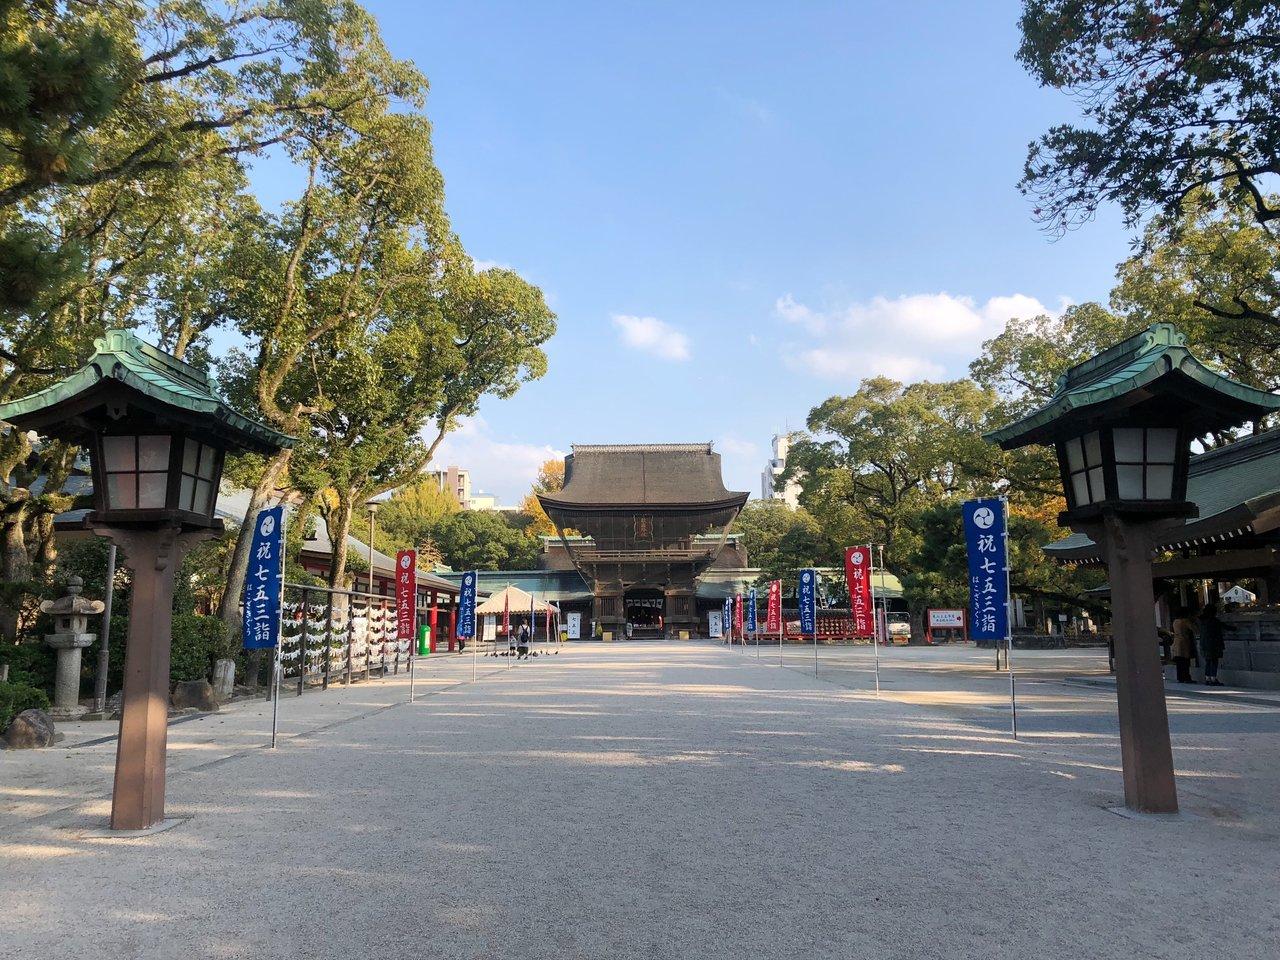 筥崎宮の境内には、パワースポットとして知られる場所もたくさんありますよ